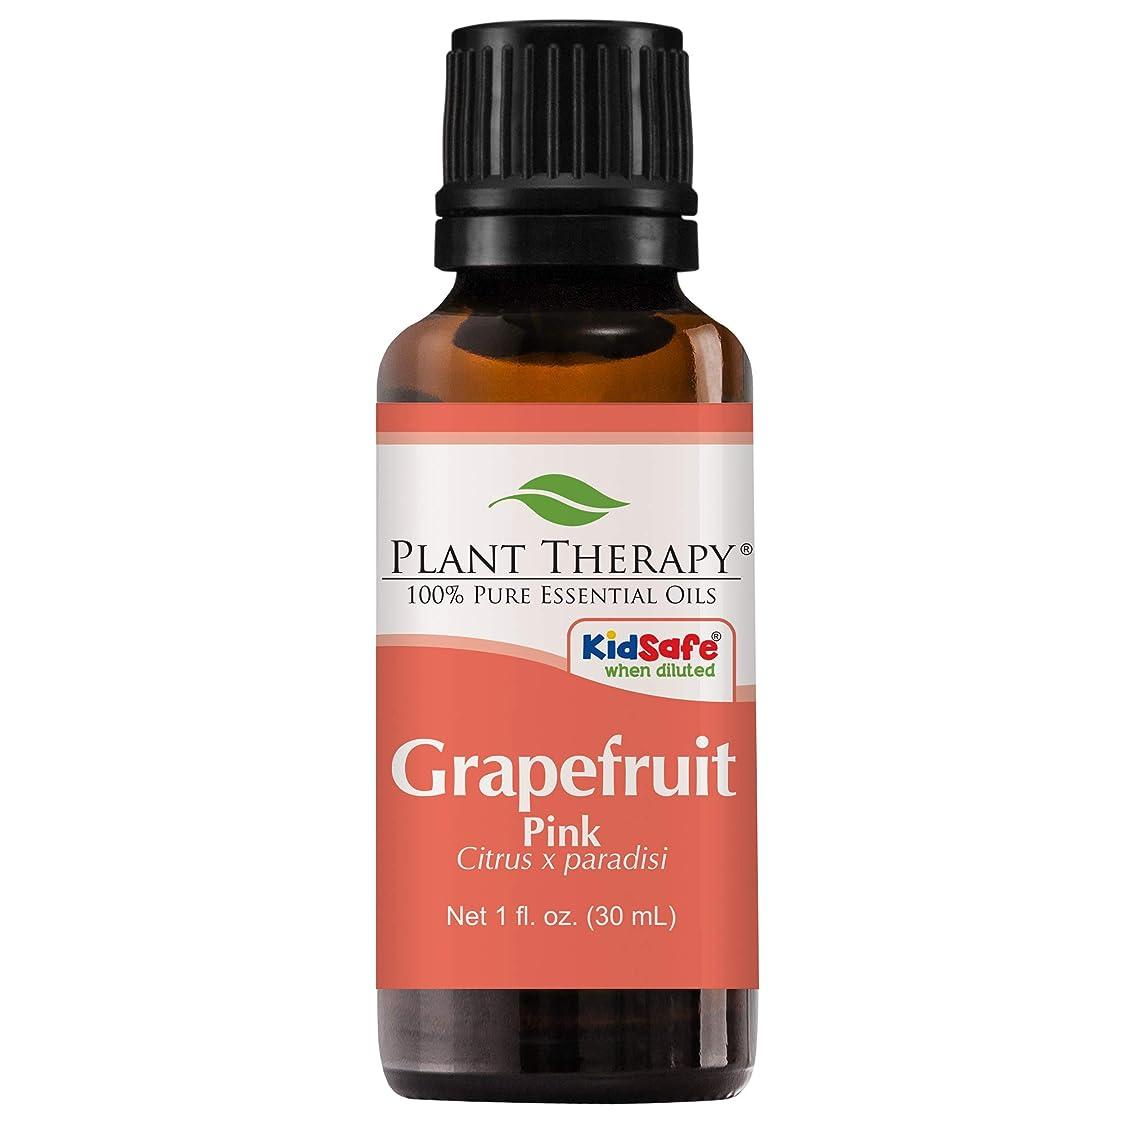 メジャー楽しむ故障植物セラピーグレープフルーツ(ピンク)エッセンシャルオイル。 100%ピュア、希釈していない、治療グレード。 30ミリリットル(1オンス)